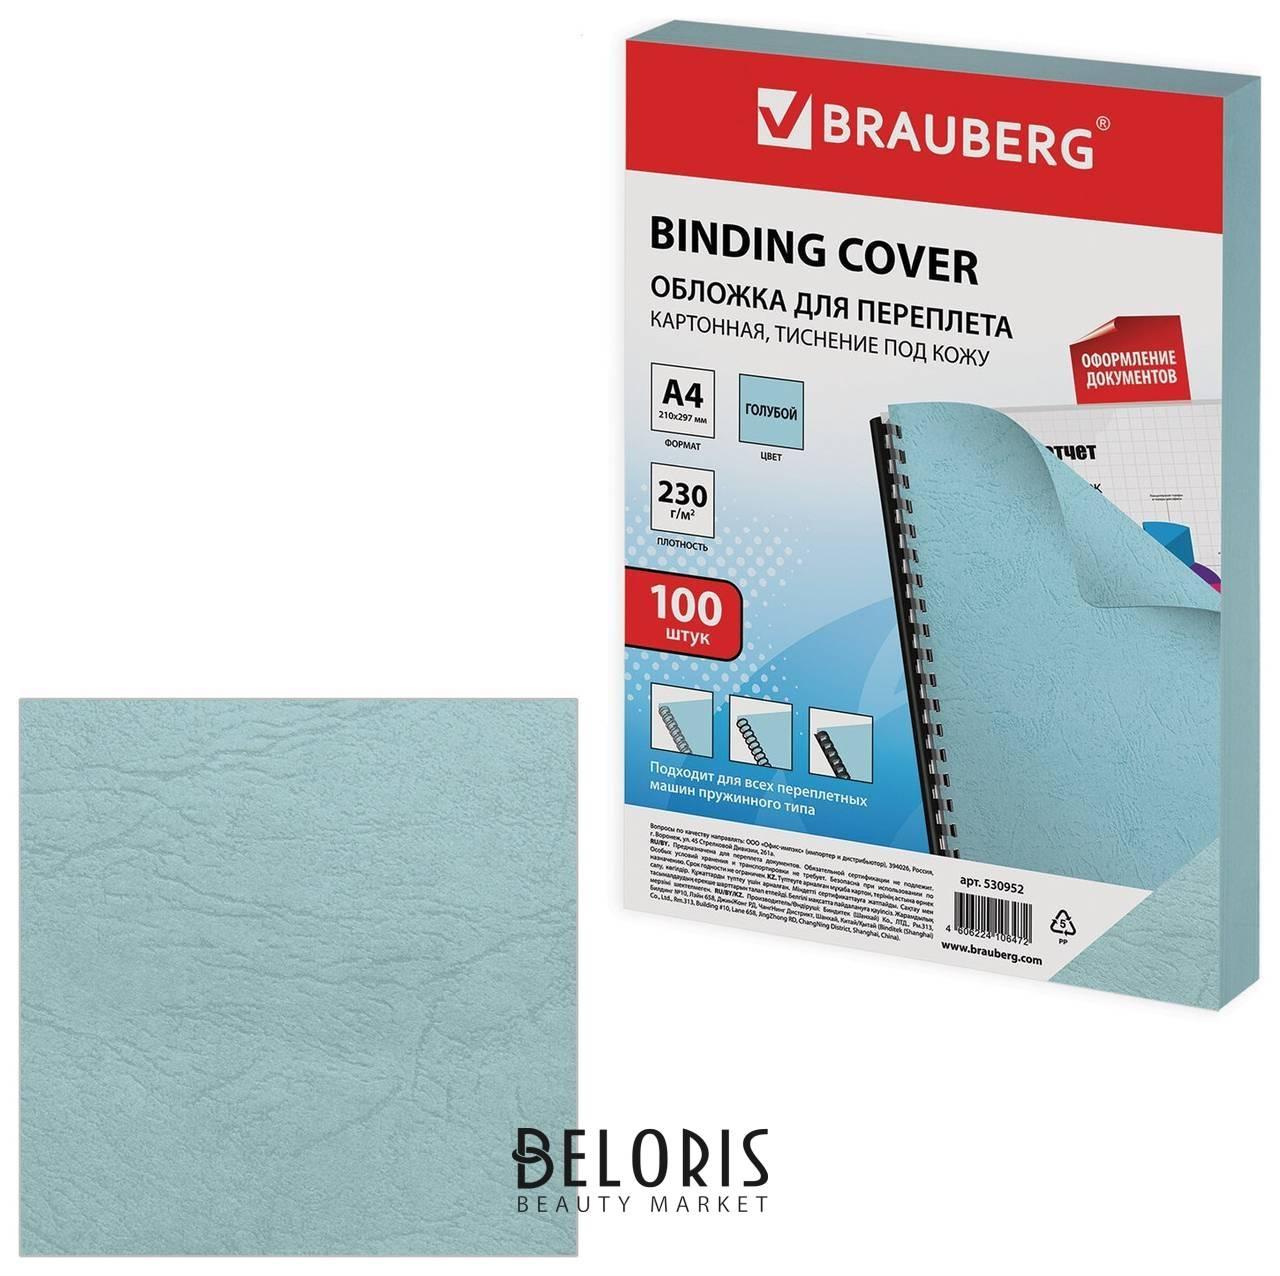 Обложки картонные для переплета, А4, комплект 100 шт., тиснение под кожу, 230 г/м2, голубые, BRAUBERG  Brauberg